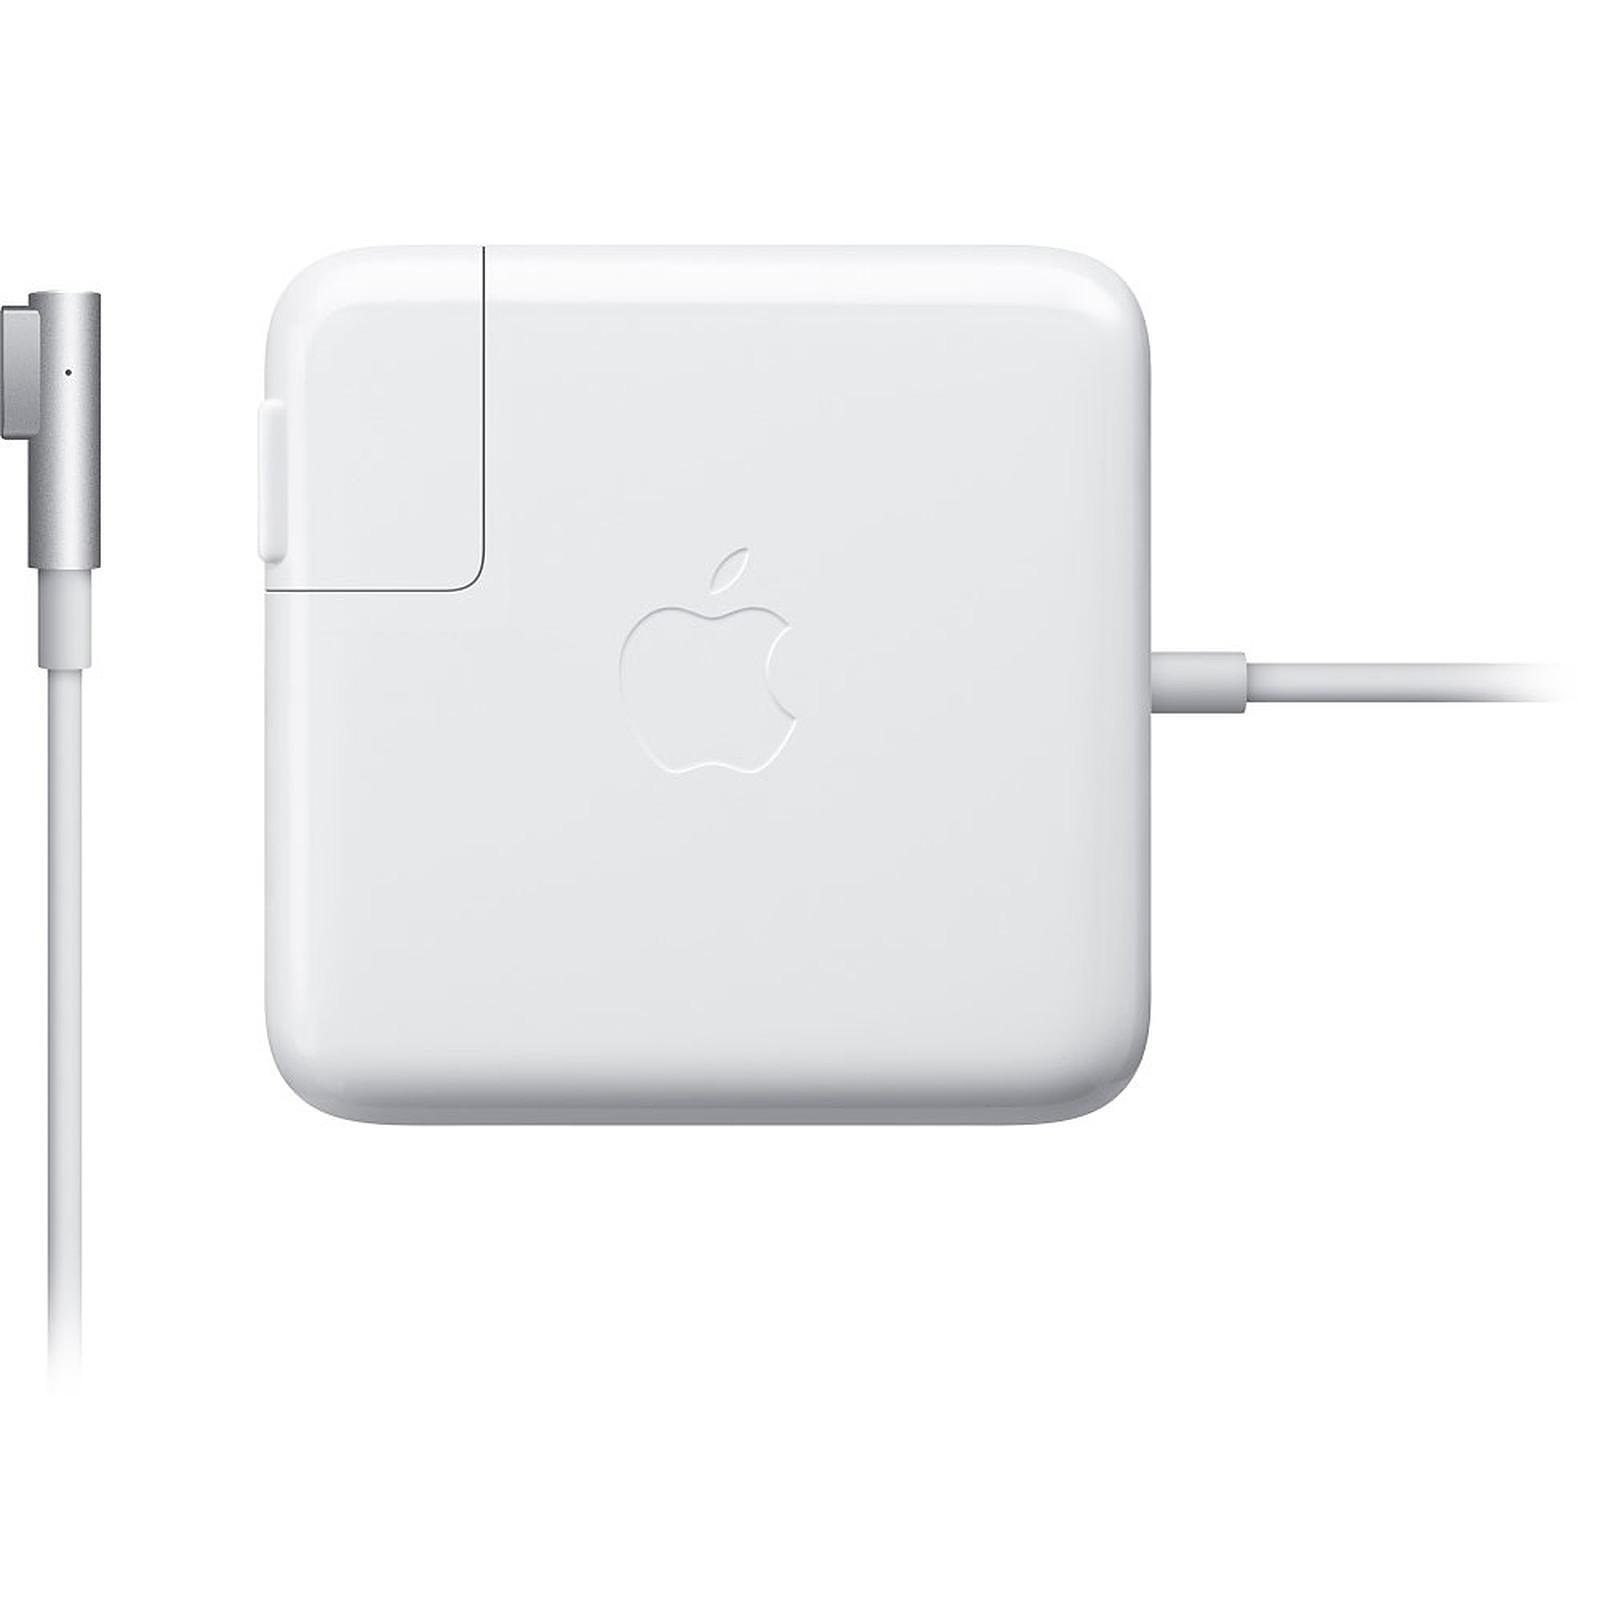 Apple Adaptateur Secteur Magsafe 60 W Chargeur pour Macbook \u0026 Macbook Pro